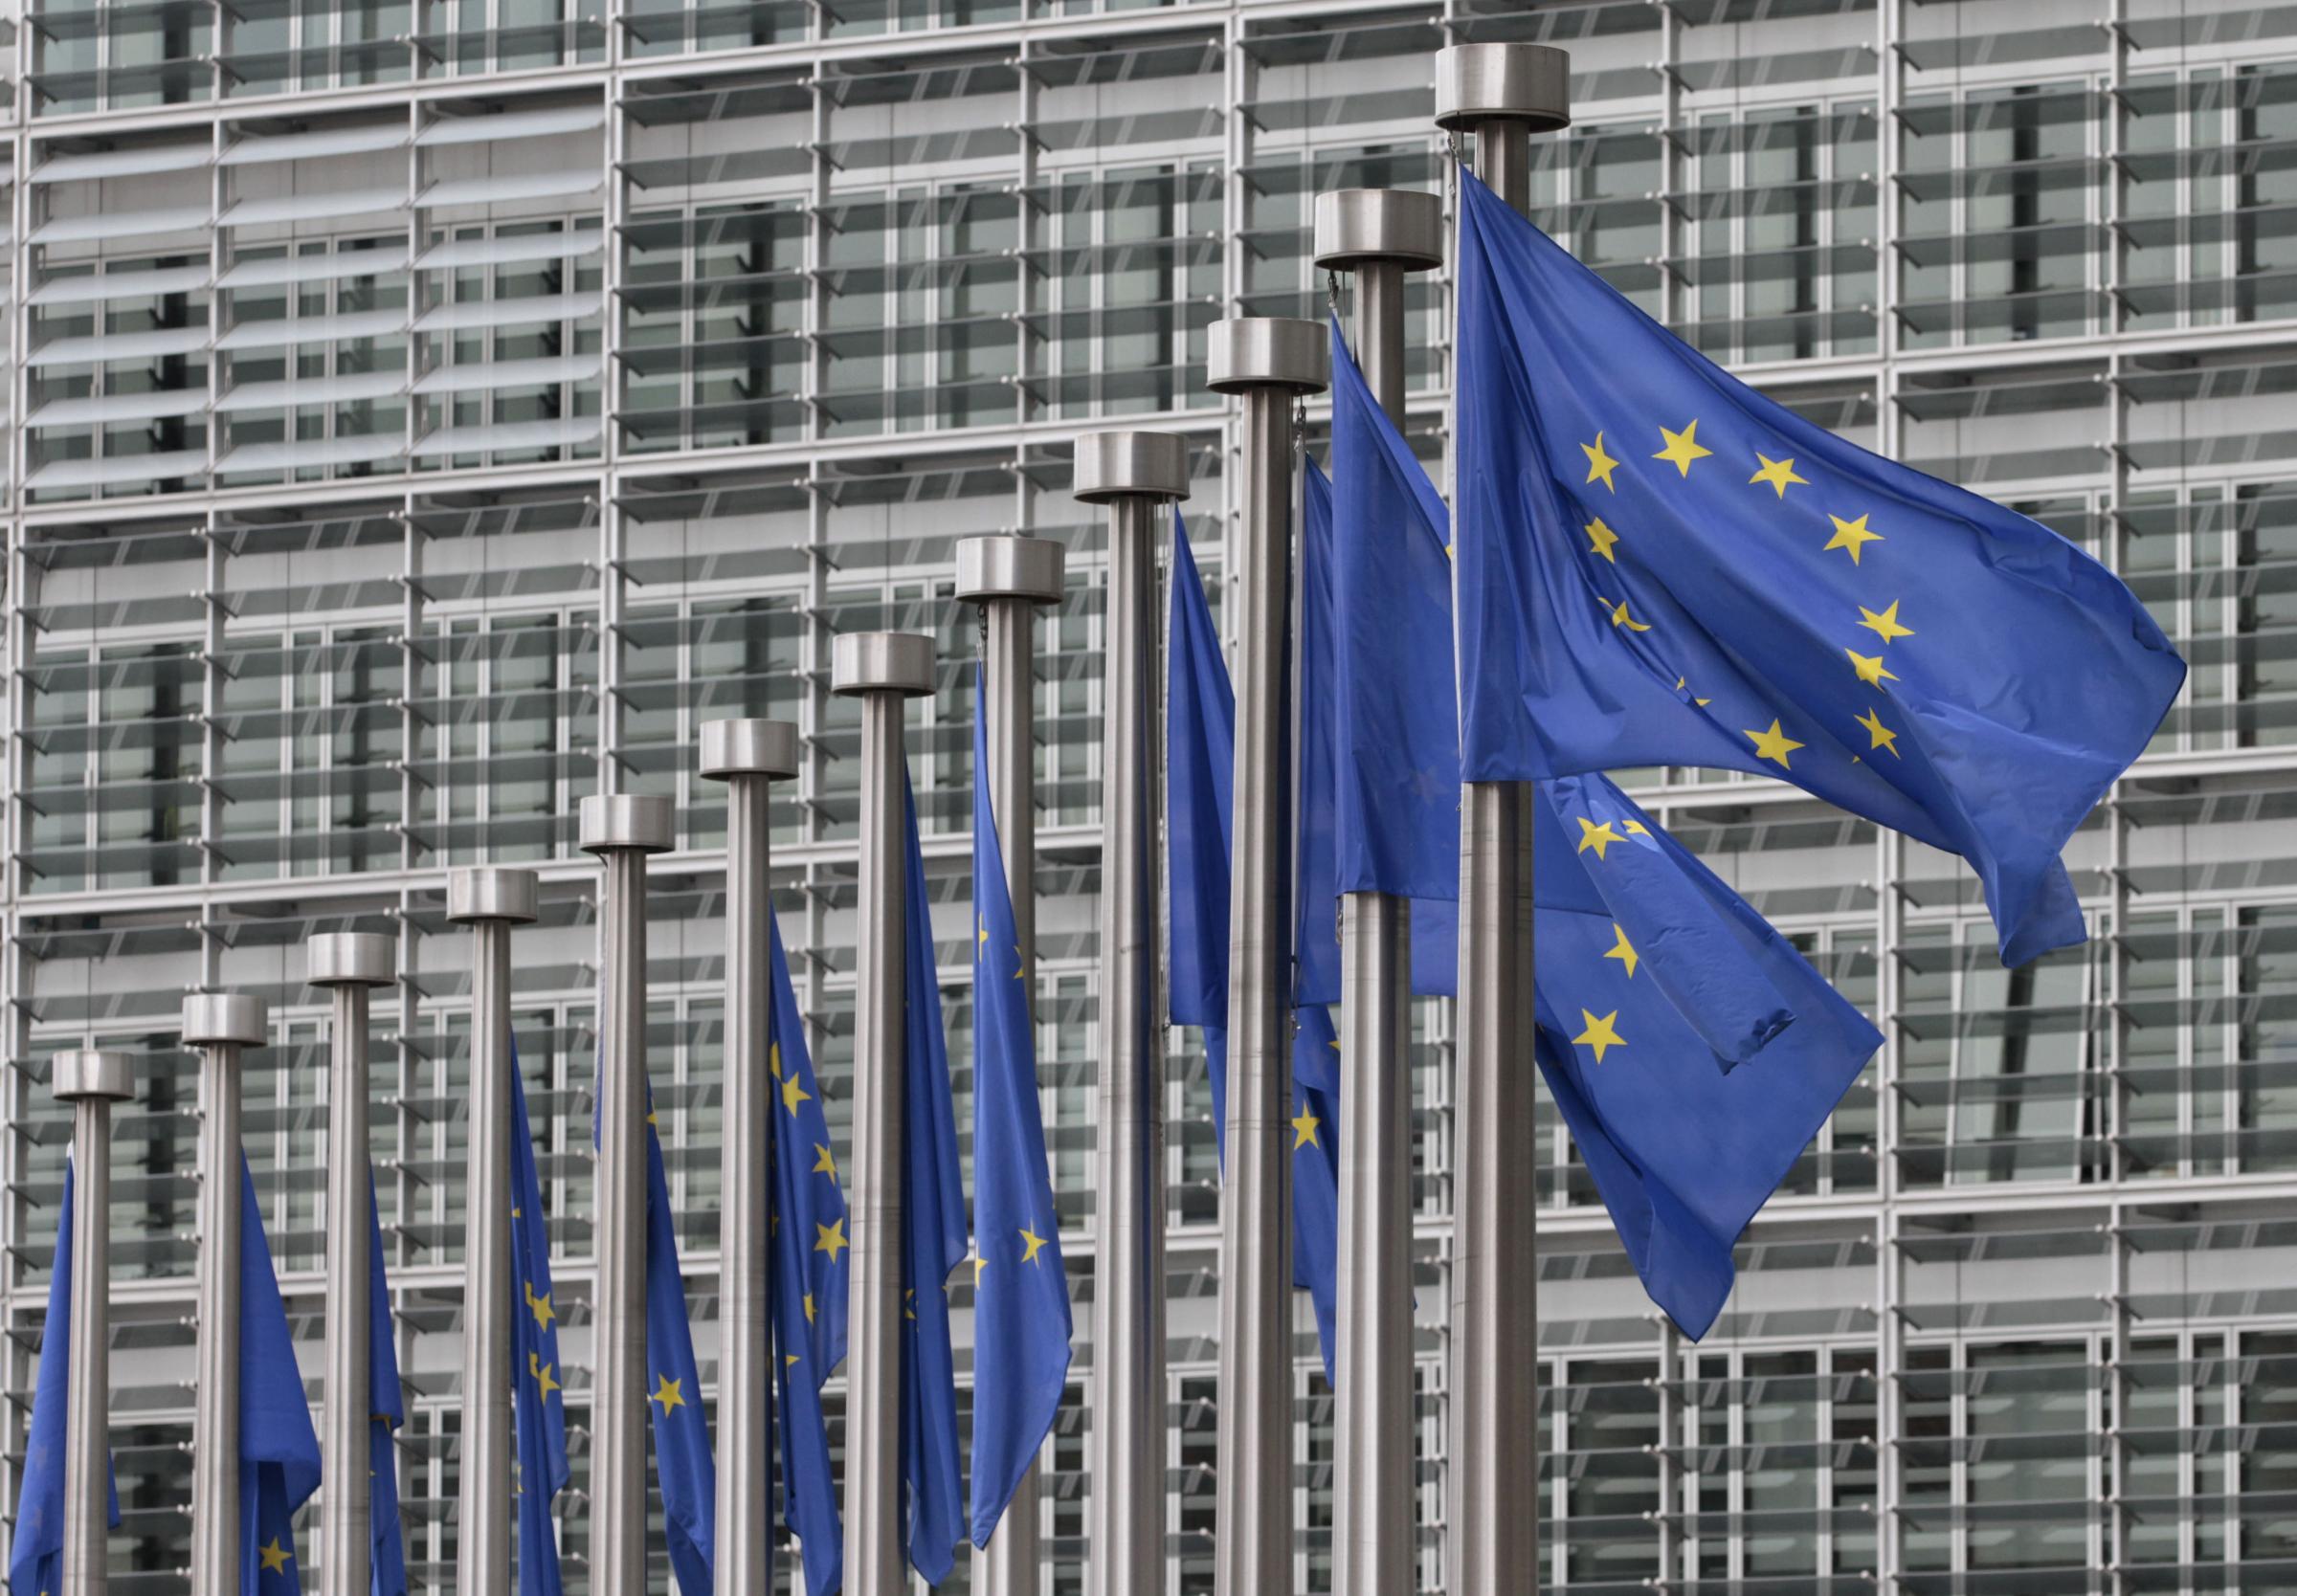 Finanziamenti diretti della commissione Europea